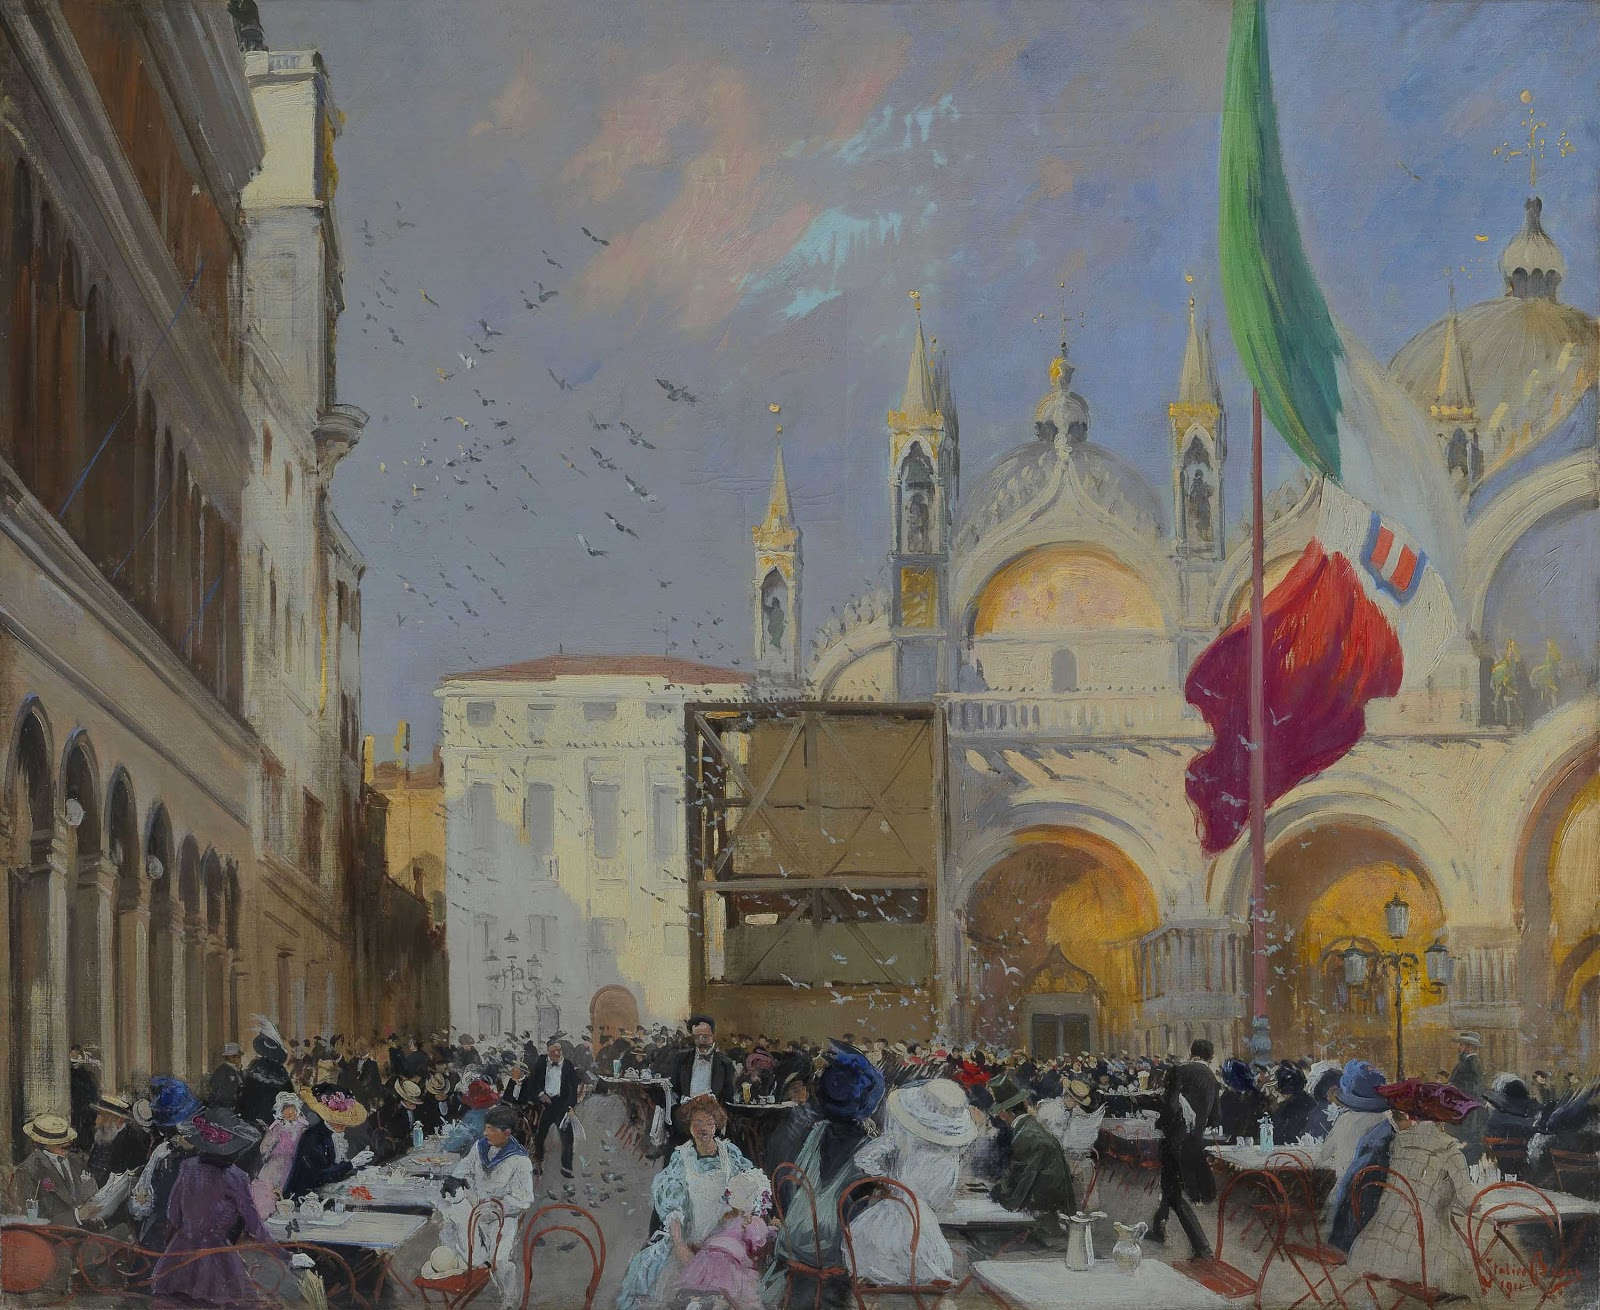 Italico  rass Caff C A Lavena in piazza San Marco in Venice